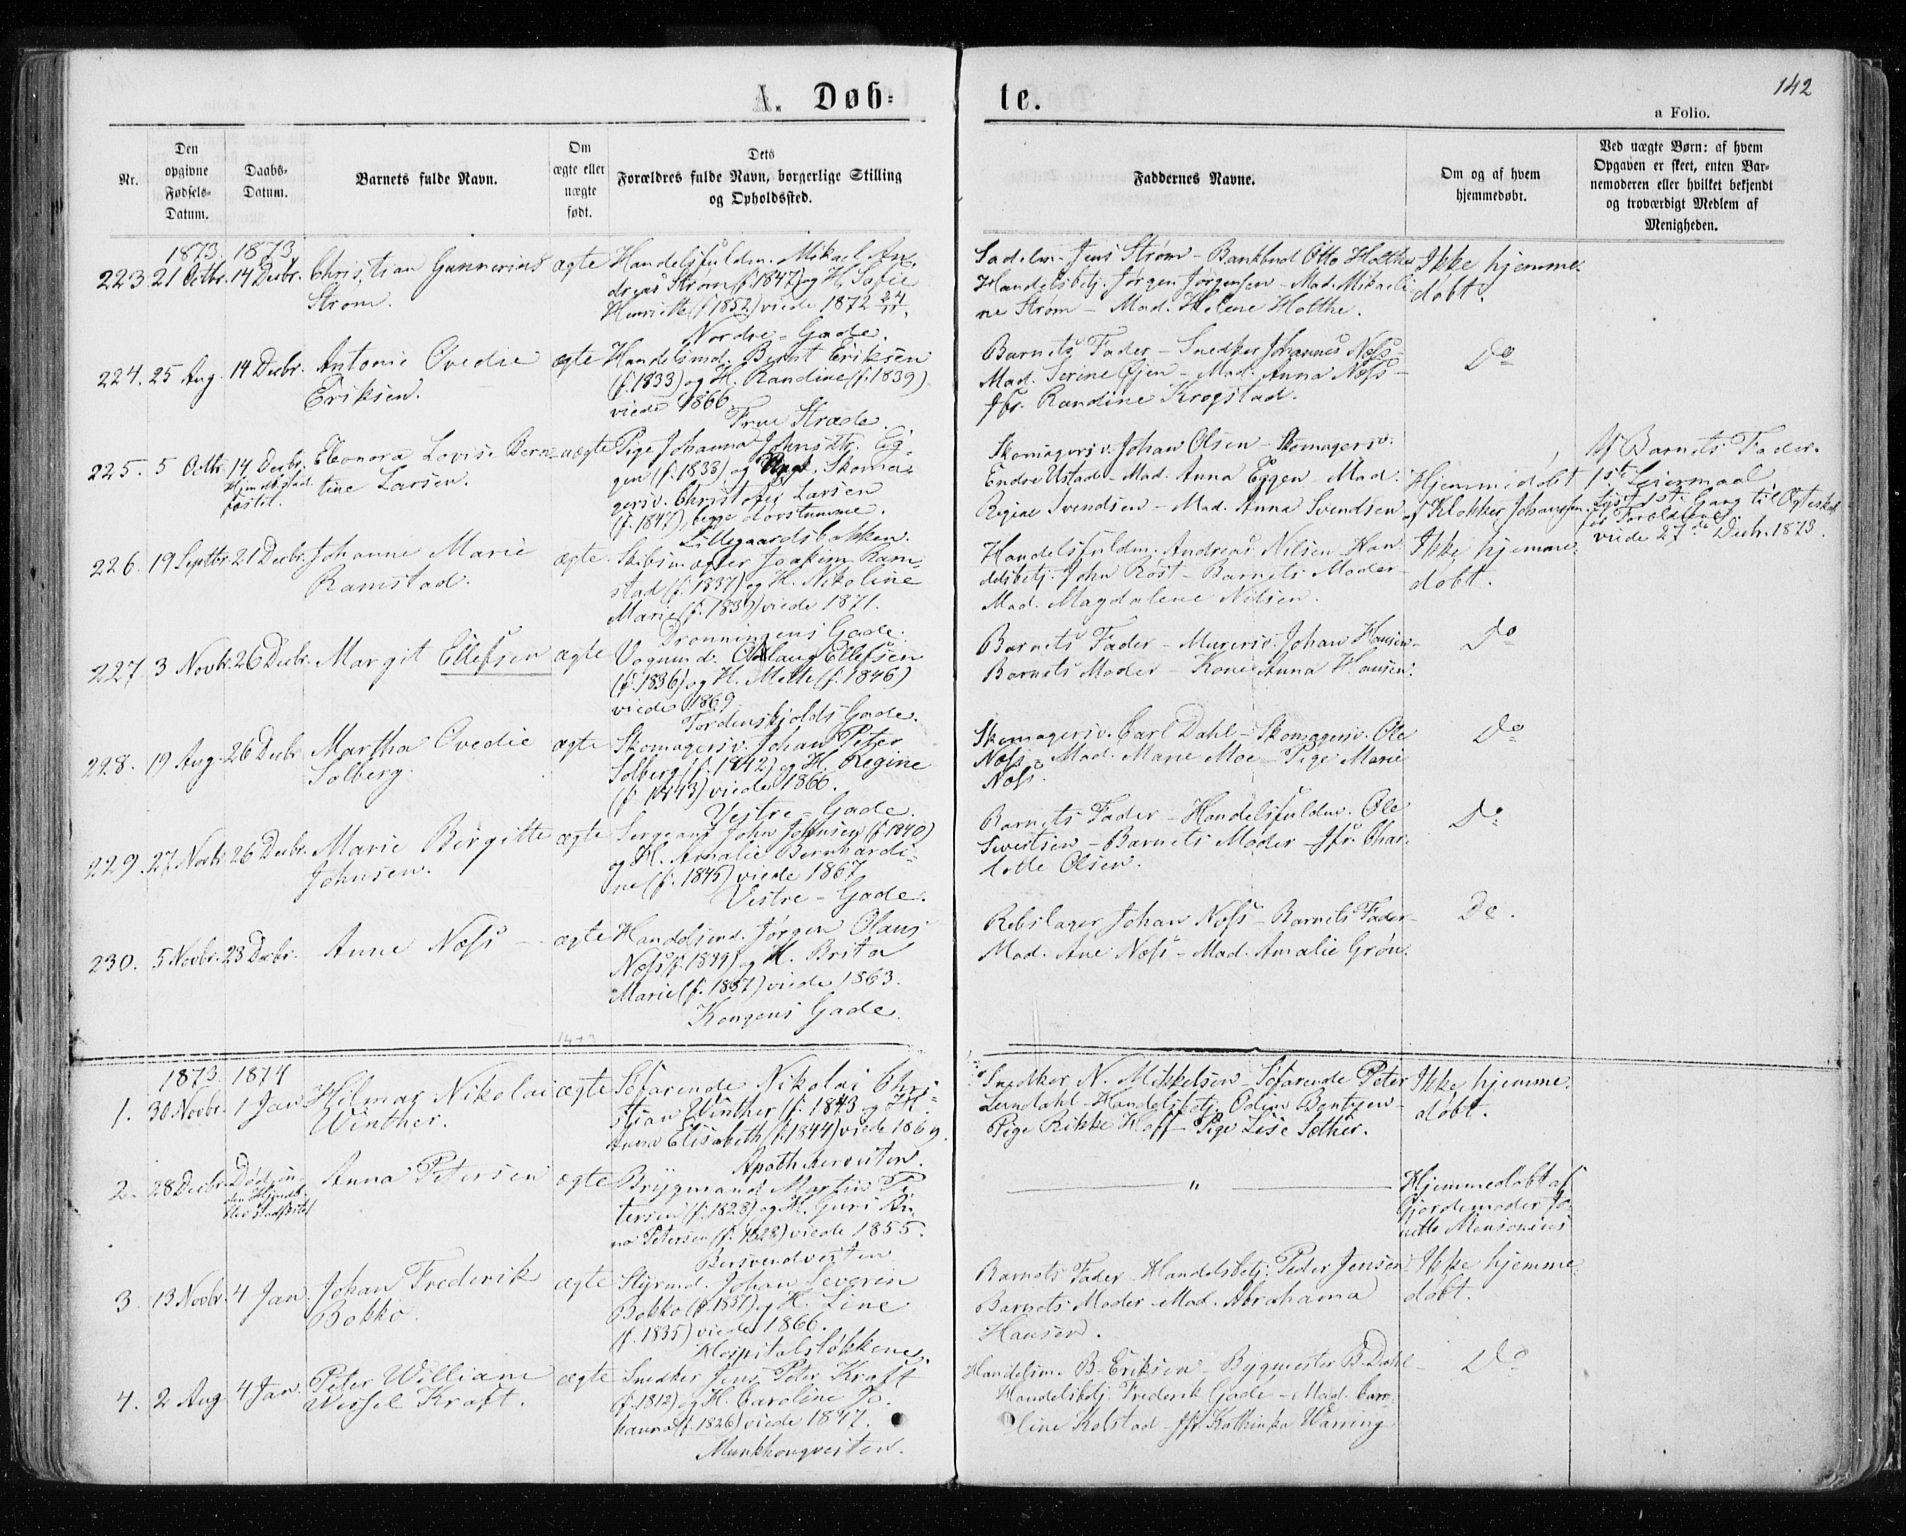 SAT, Ministerialprotokoller, klokkerbøker og fødselsregistre - Sør-Trøndelag, 601/L0054: Ministerialbok nr. 601A22, 1866-1877, s. 142